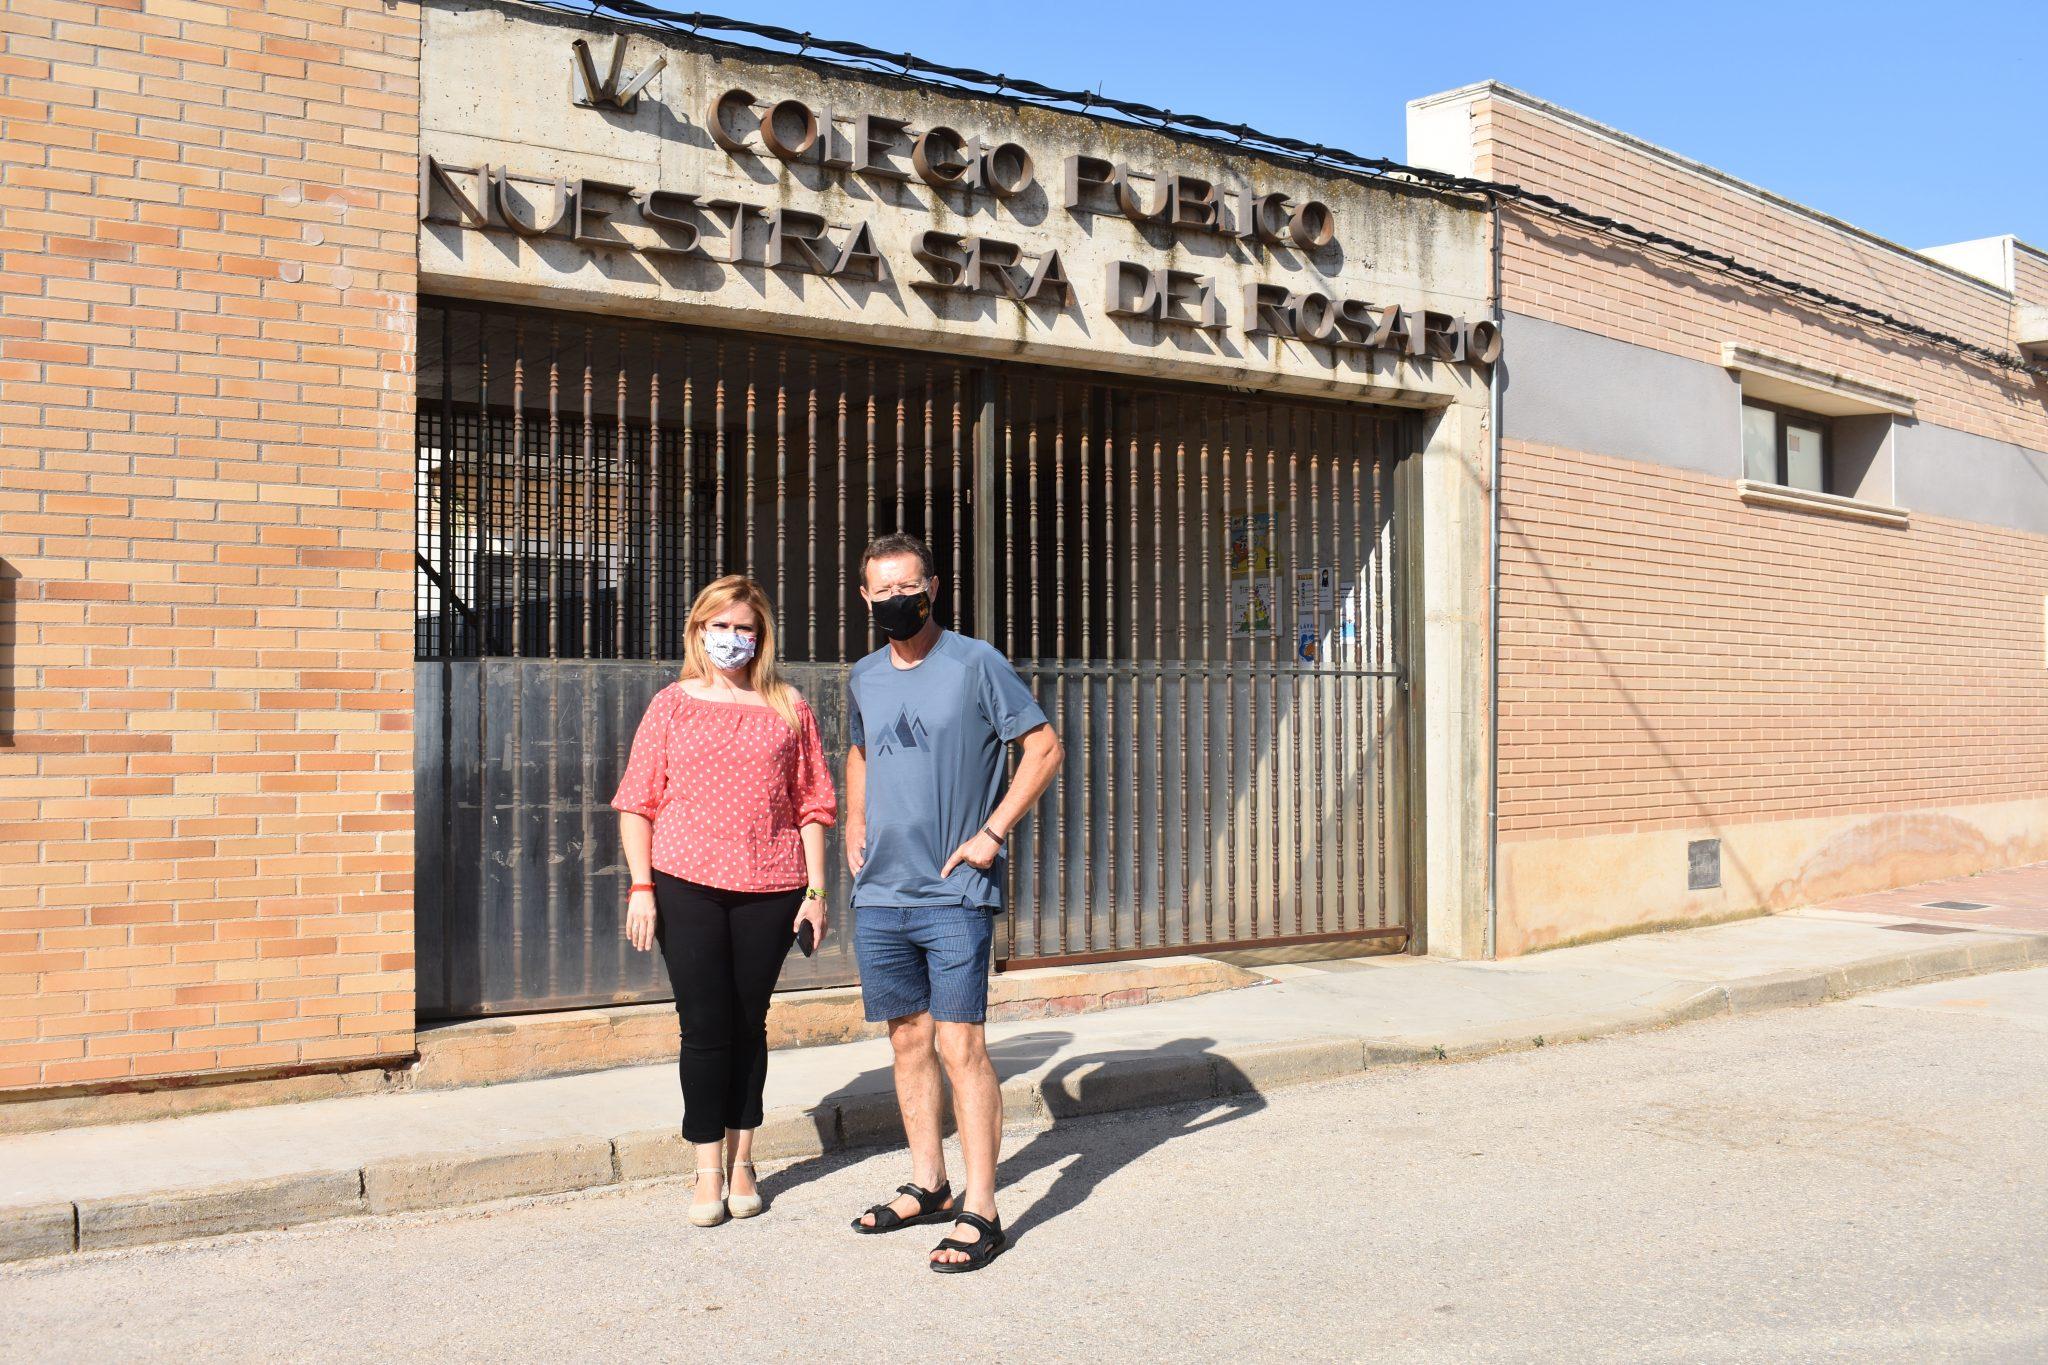 El Gobierno regional ha destinado alrededor de 100.000 euros en ayudas e inversiones en El Picazo en materia educativa, social y empresarial